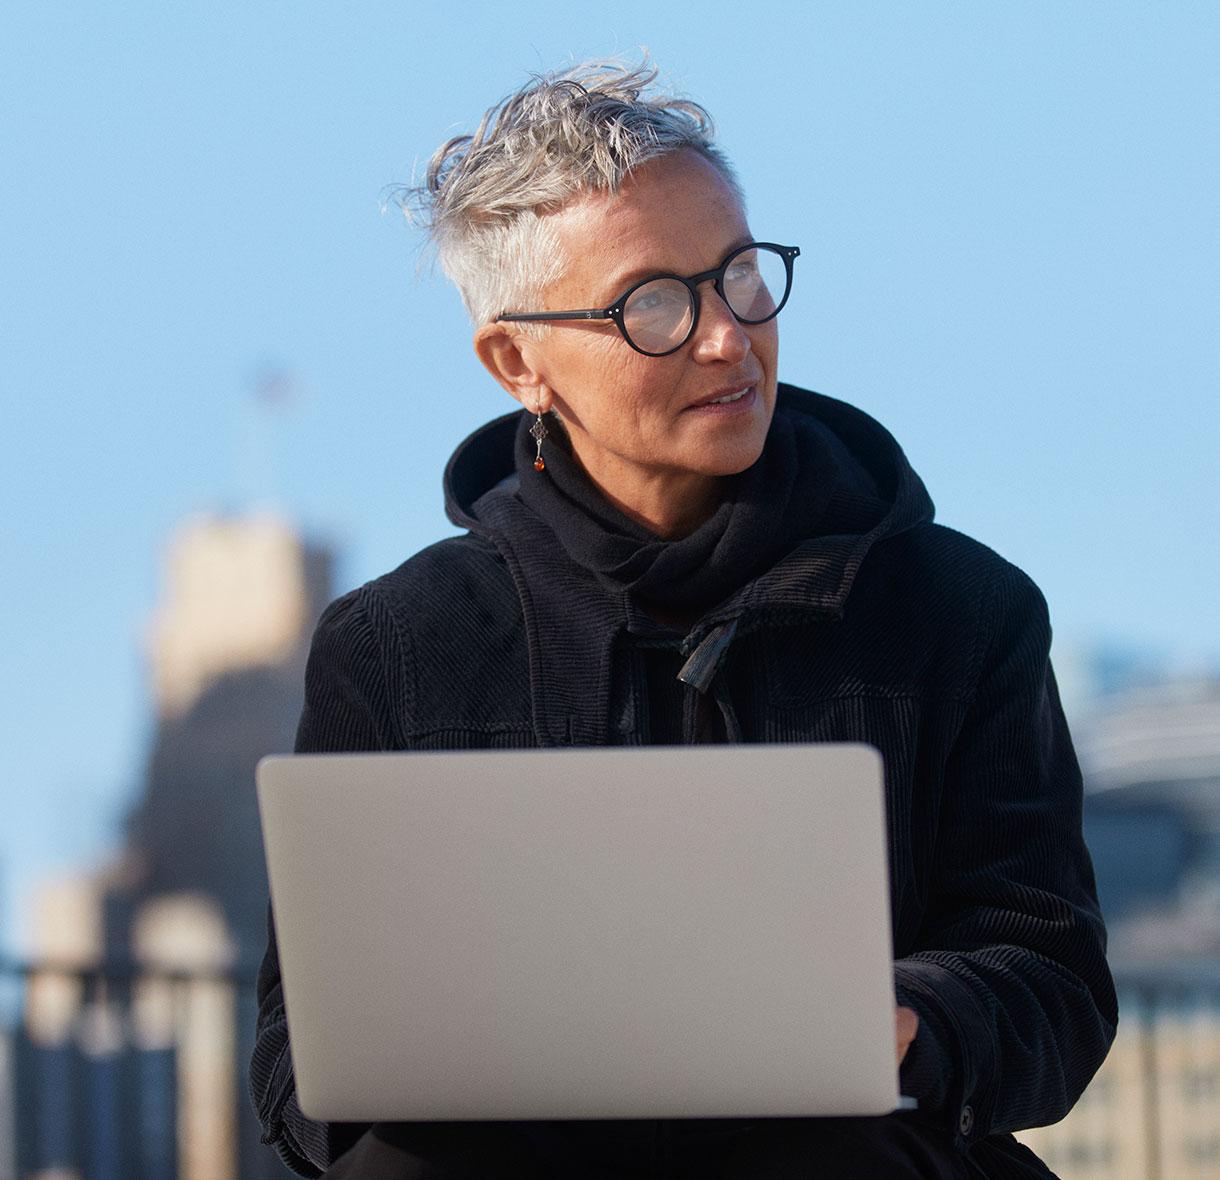 在外面用笔记本电脑工作的女人